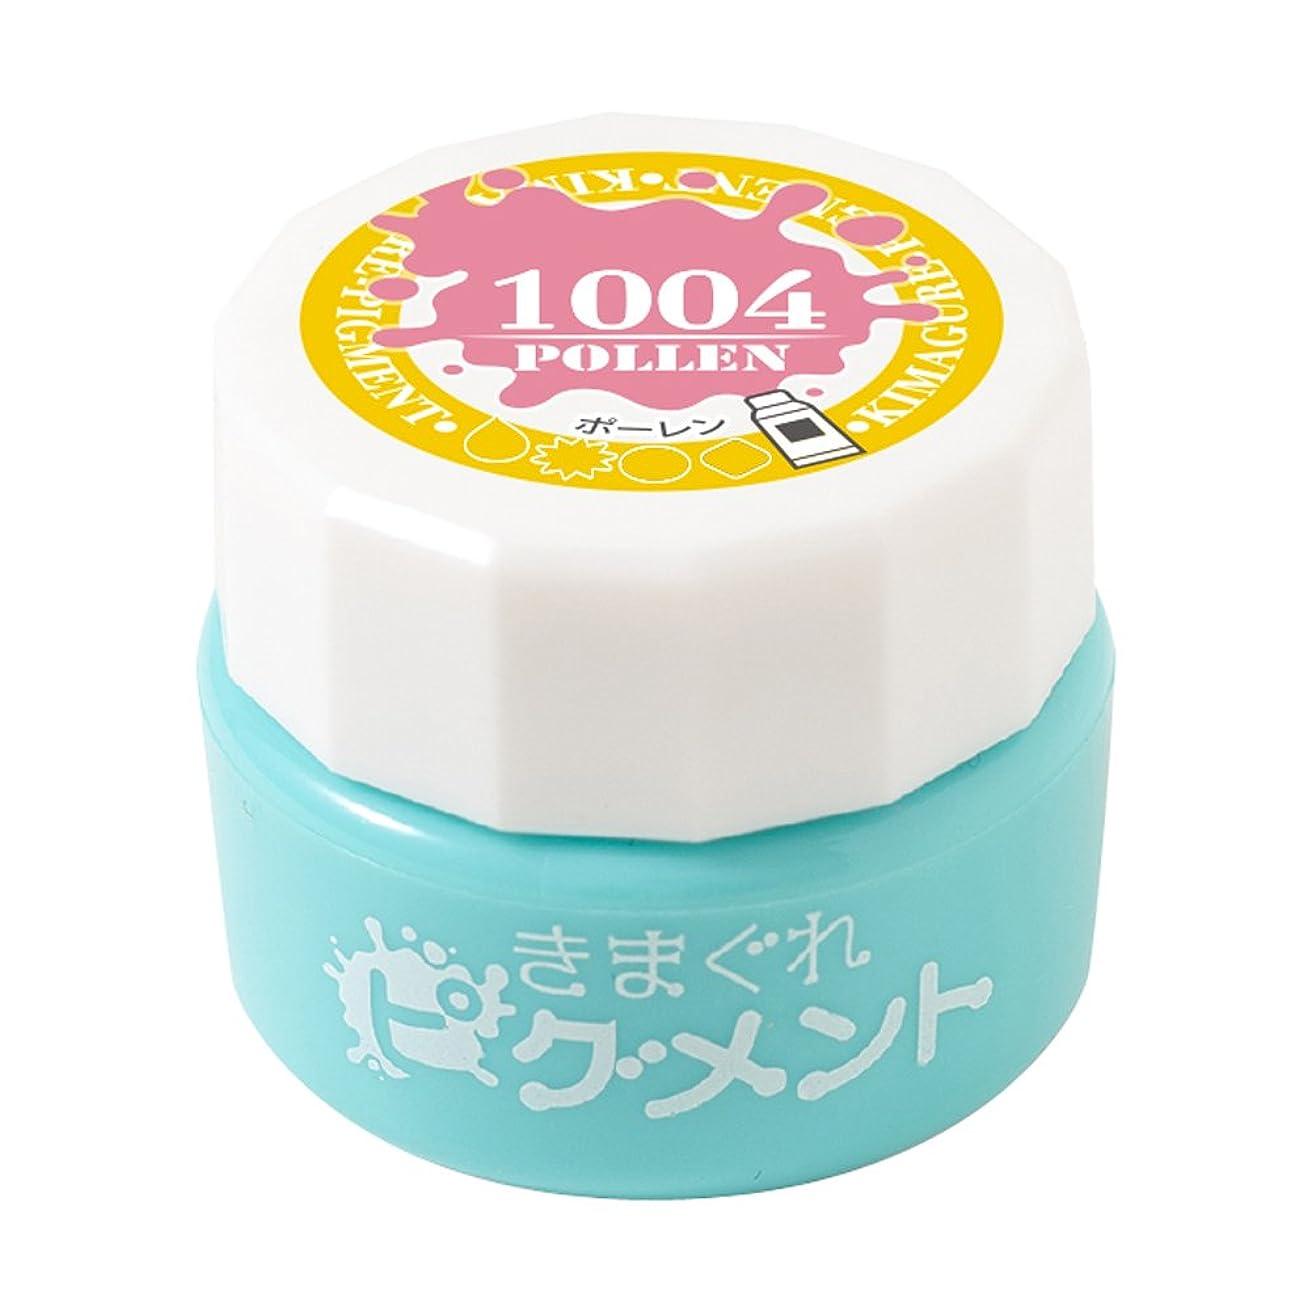 飲み込む関連する母性Bettygel きまぐれピグメント ポーレン QYJ-1004 4g UV/LED対応